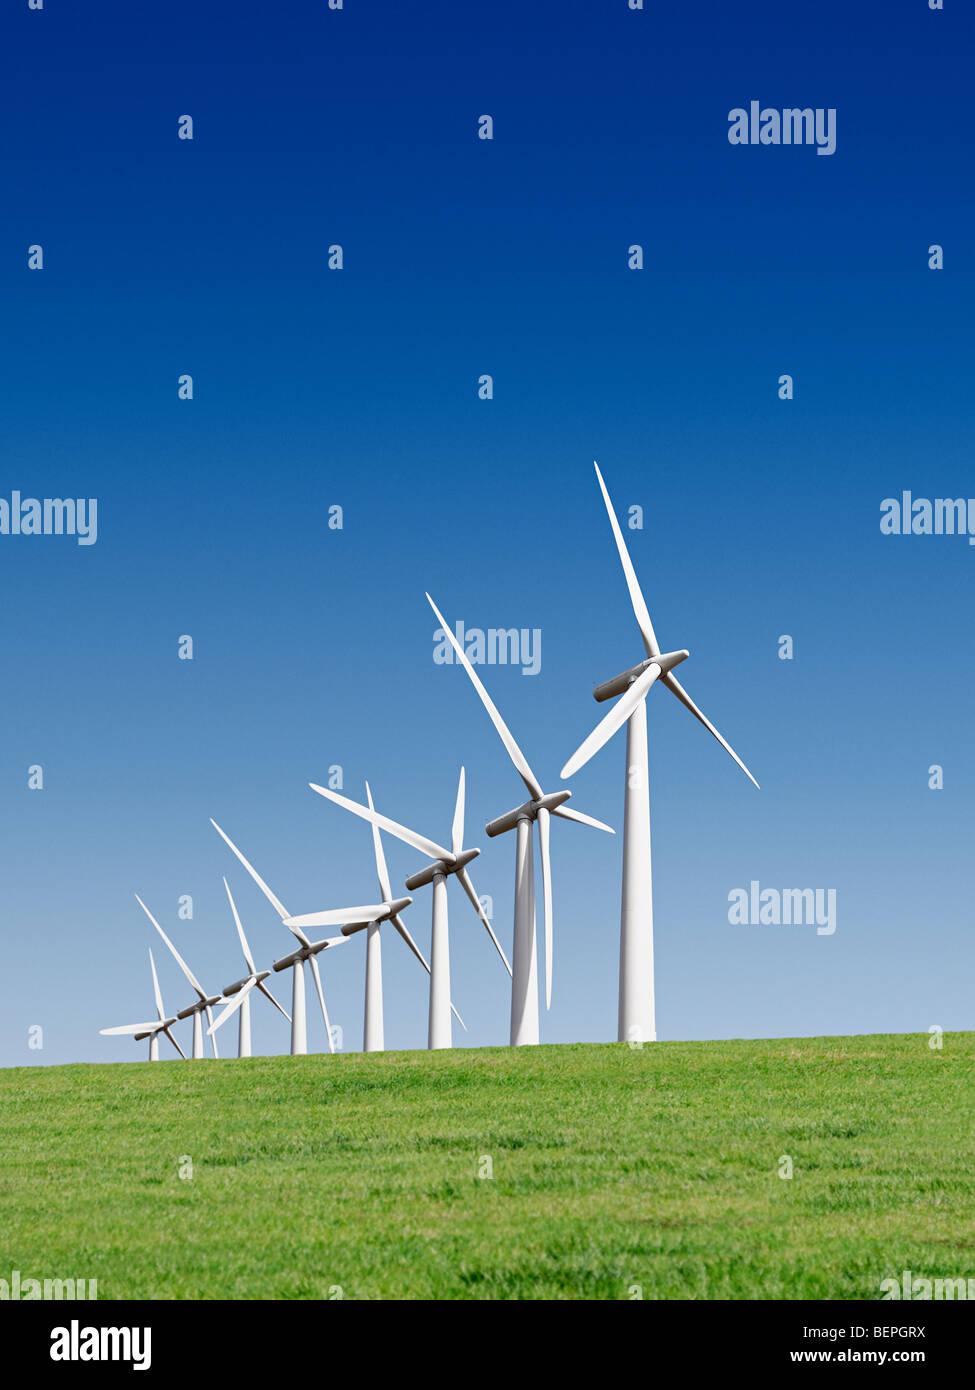 Éoliennes sur un parc éolien, au Royaume-Uni. Photo Stock